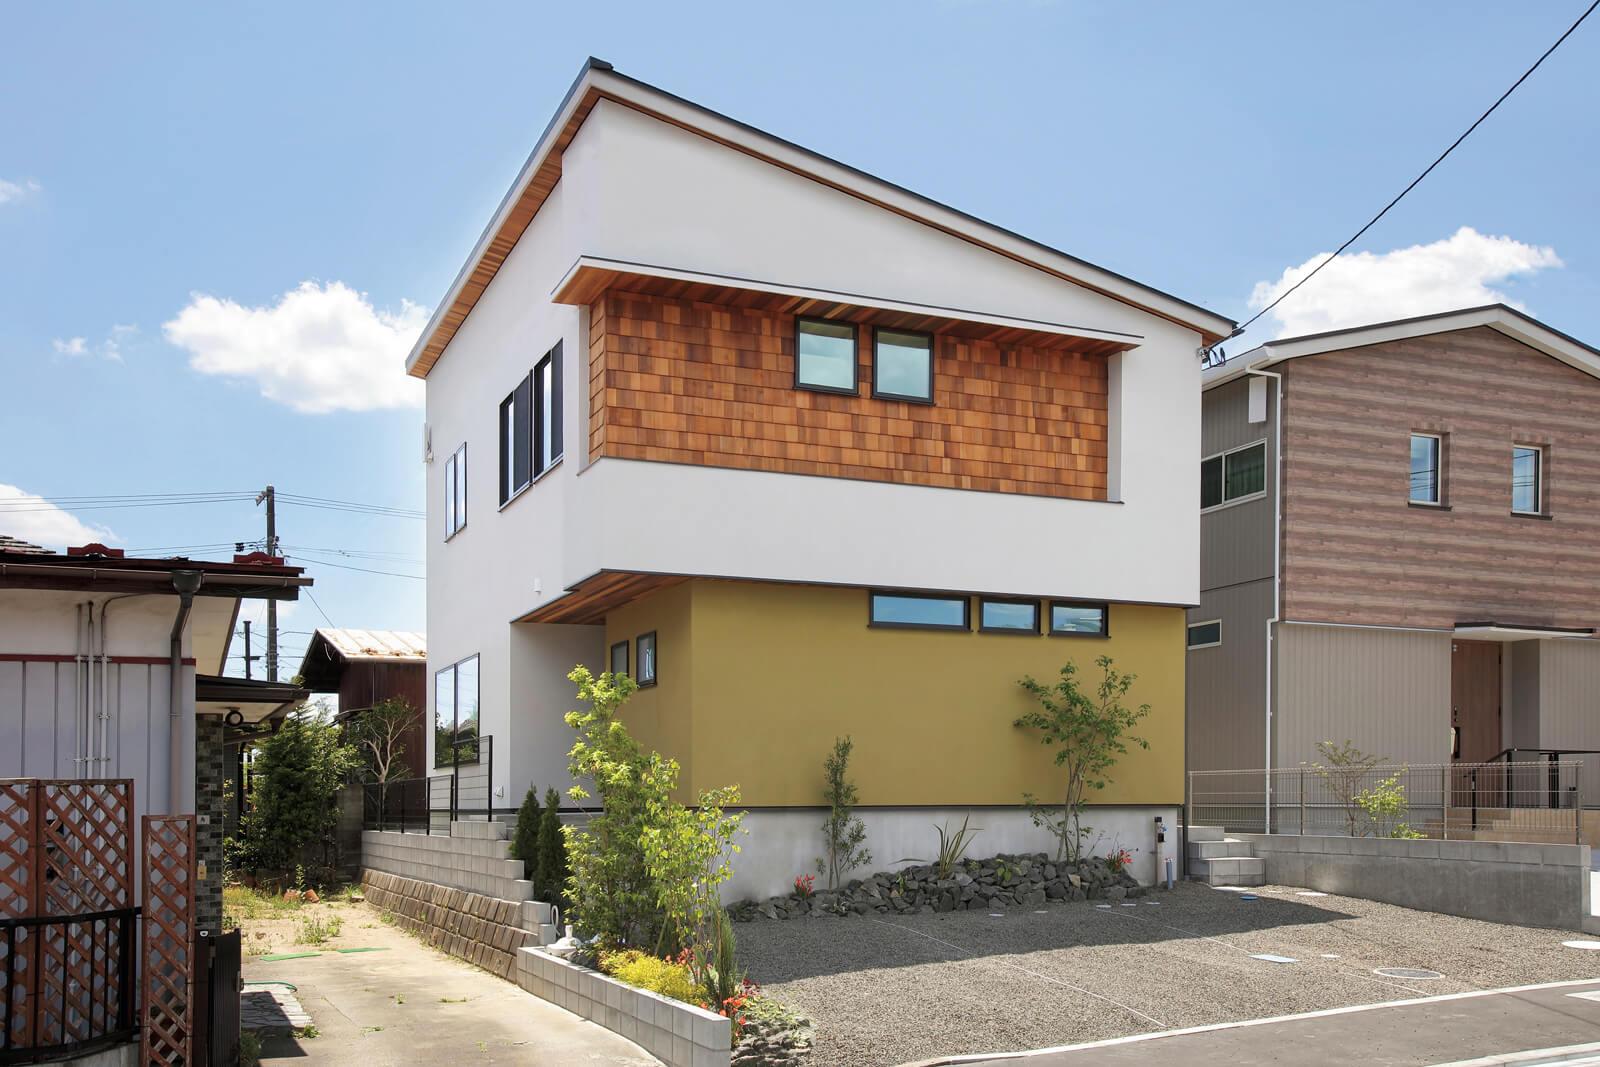 片流れ屋根が美しい外観。外壁には美しさが長持ちする無機質系塗り壁とウッドサイディングを採用